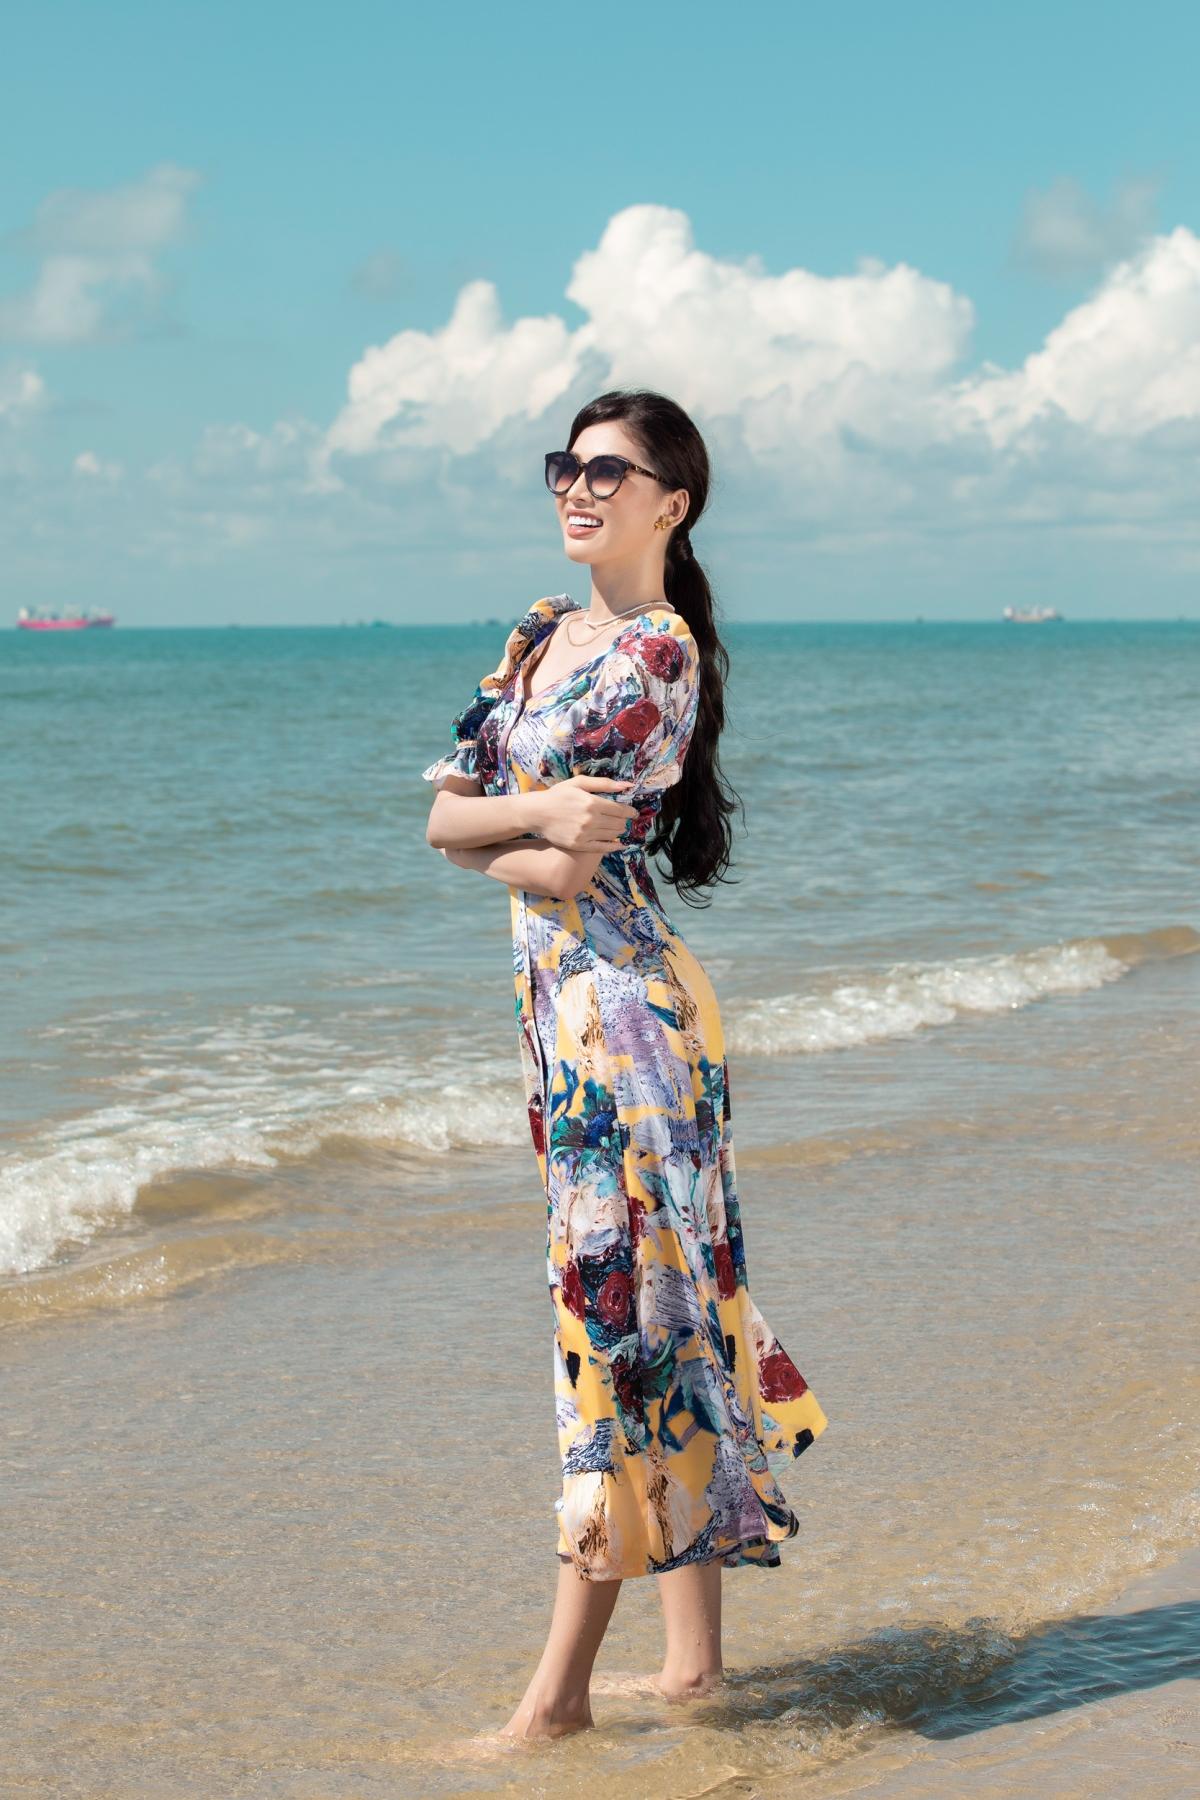 Những chiếc váy đi biển được Ngọc Thảo diện sẽ là những thiết kế hứa hẹn sẽ khiến cho các cô nàng trông thật nổi bật và tao nhã khi vi vu du lịch tại các vùng biển.